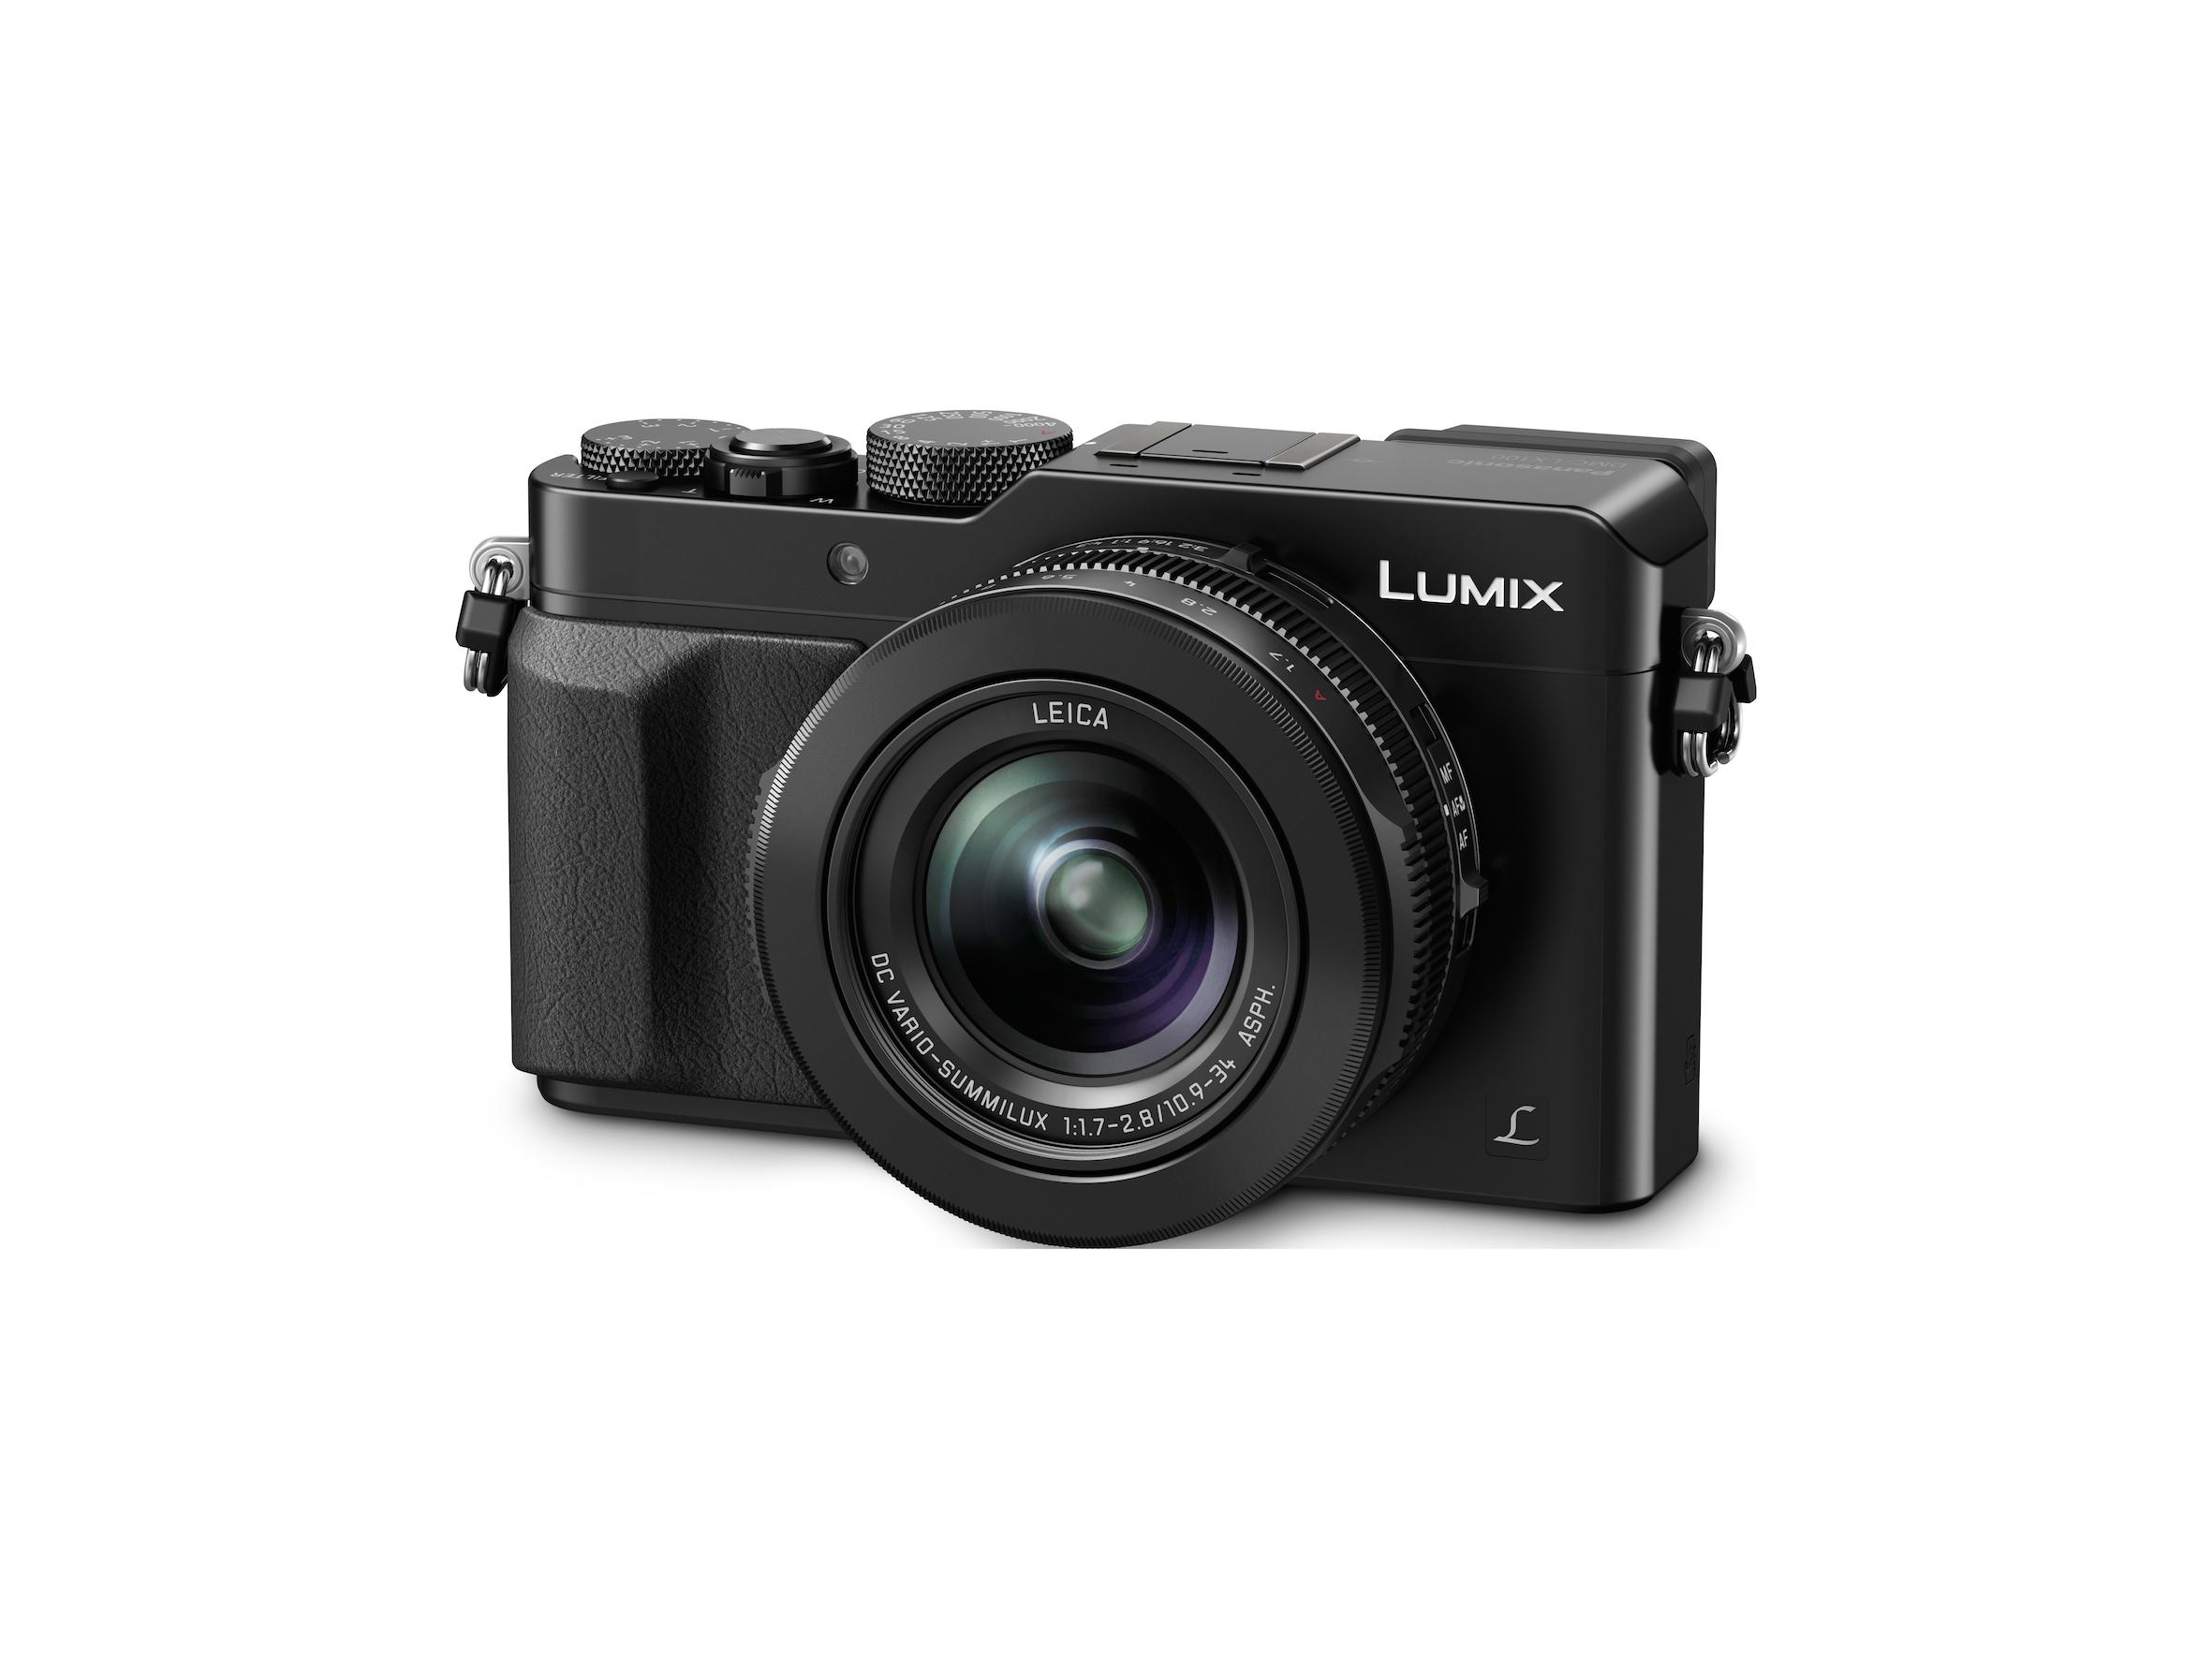 Photokina 2014: Компактная камера Panasonic Lumix DMC-LX100 умеет записывать видео Ultra HD 4K